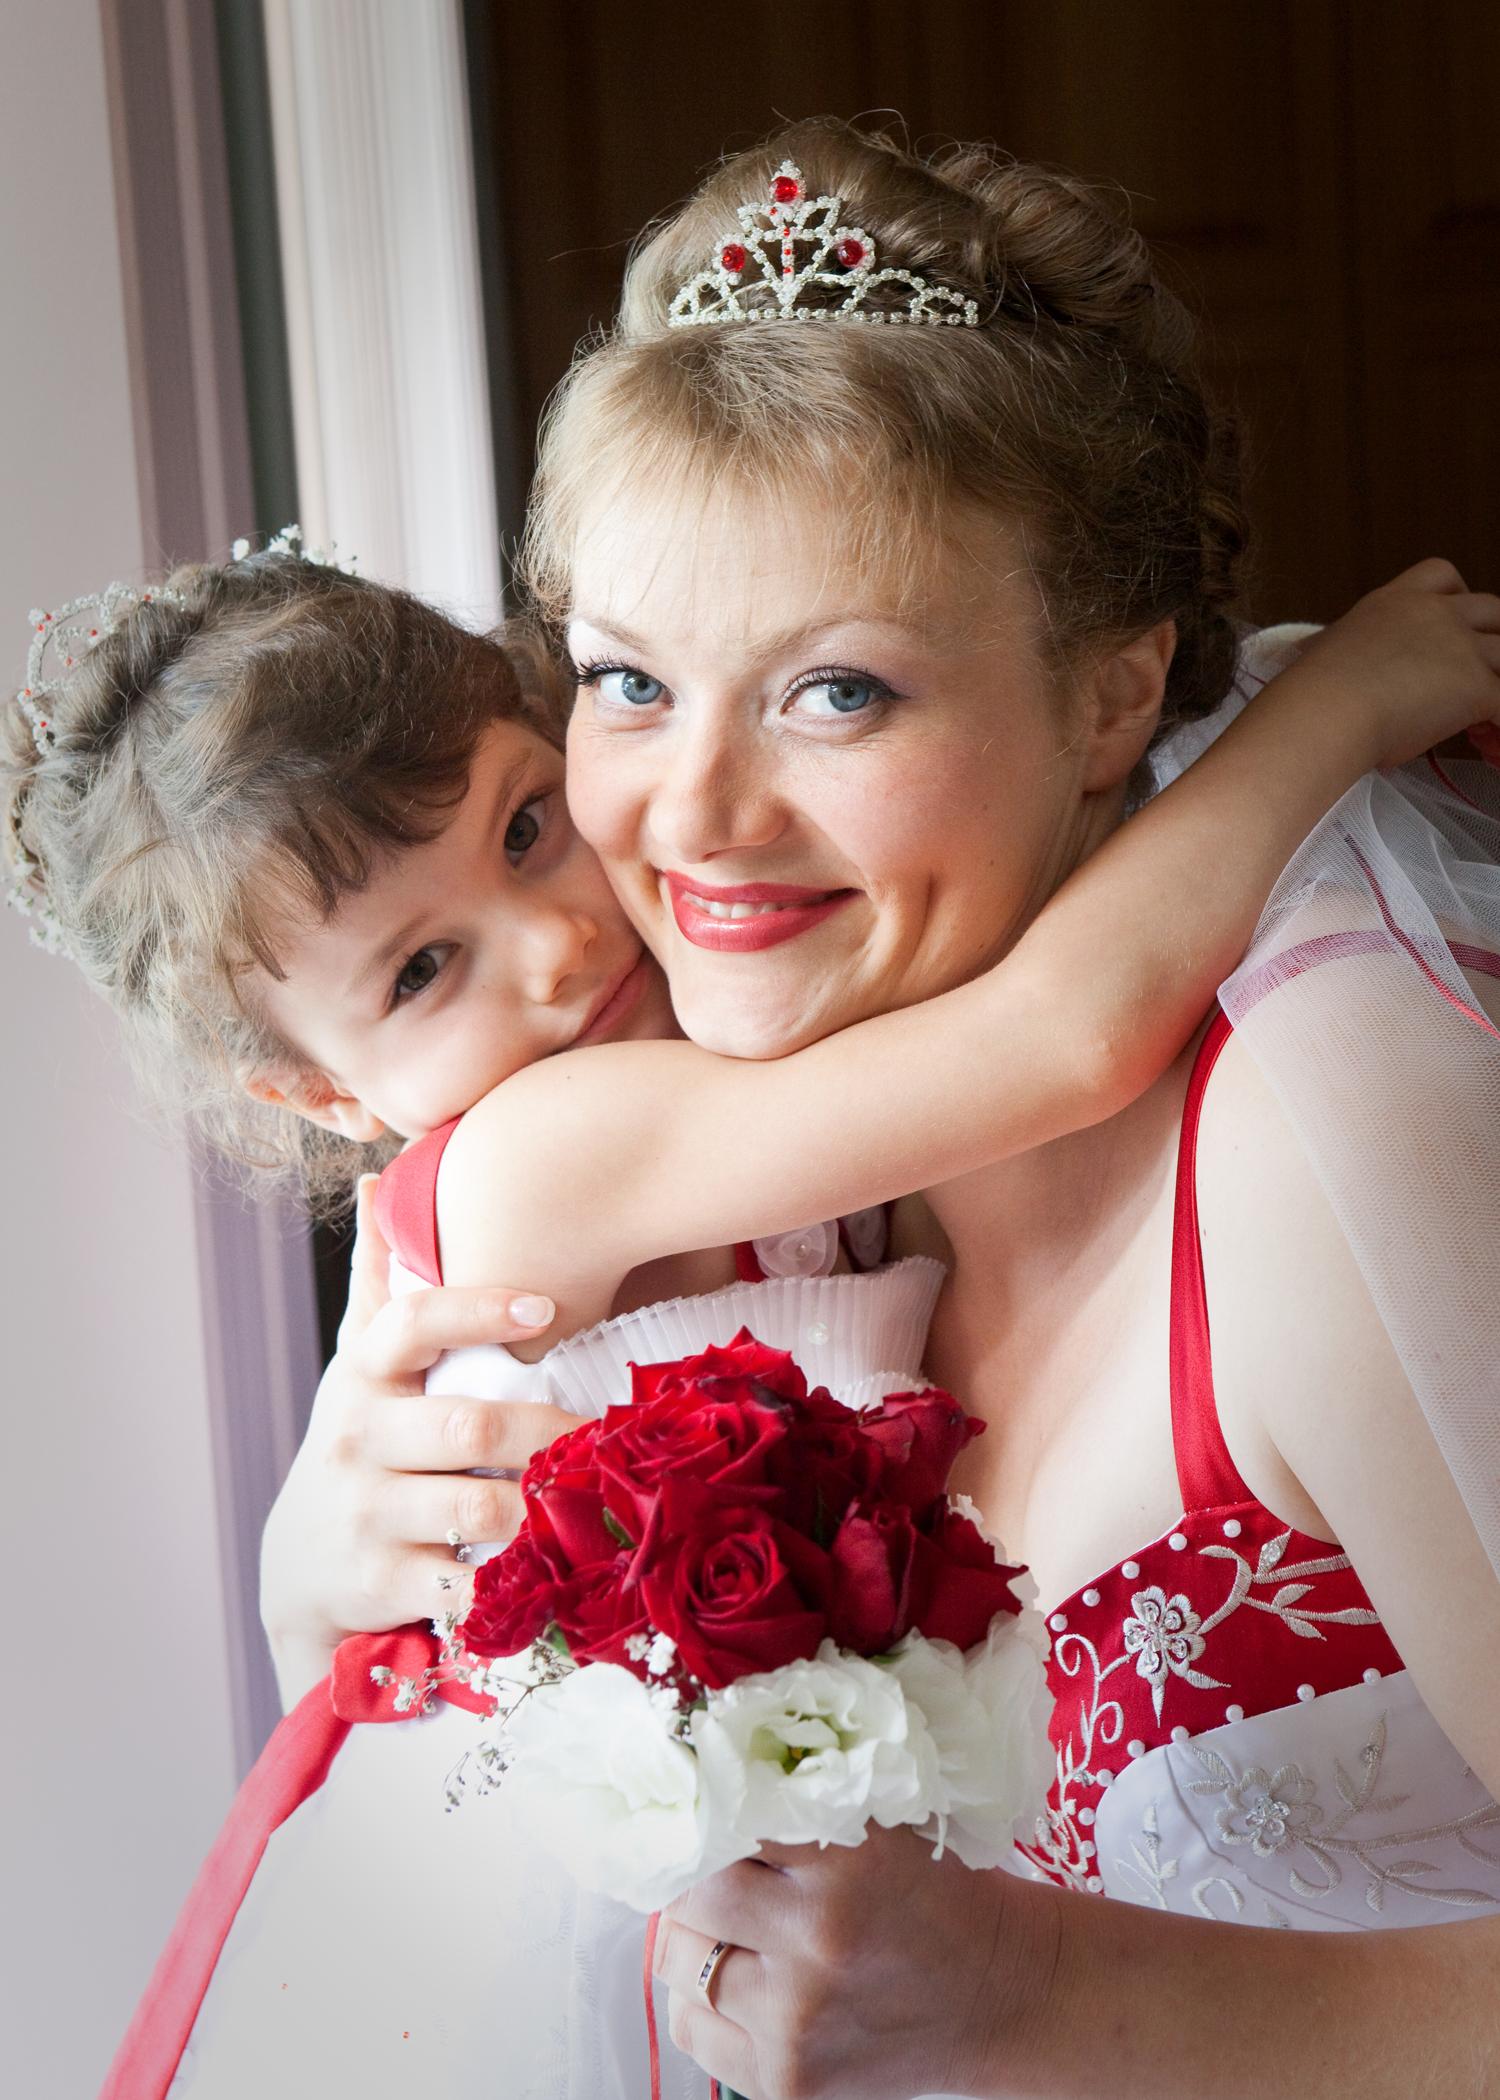 wedding-photography-Sydney-Australia-Sydney-Opera-House_12.jpg